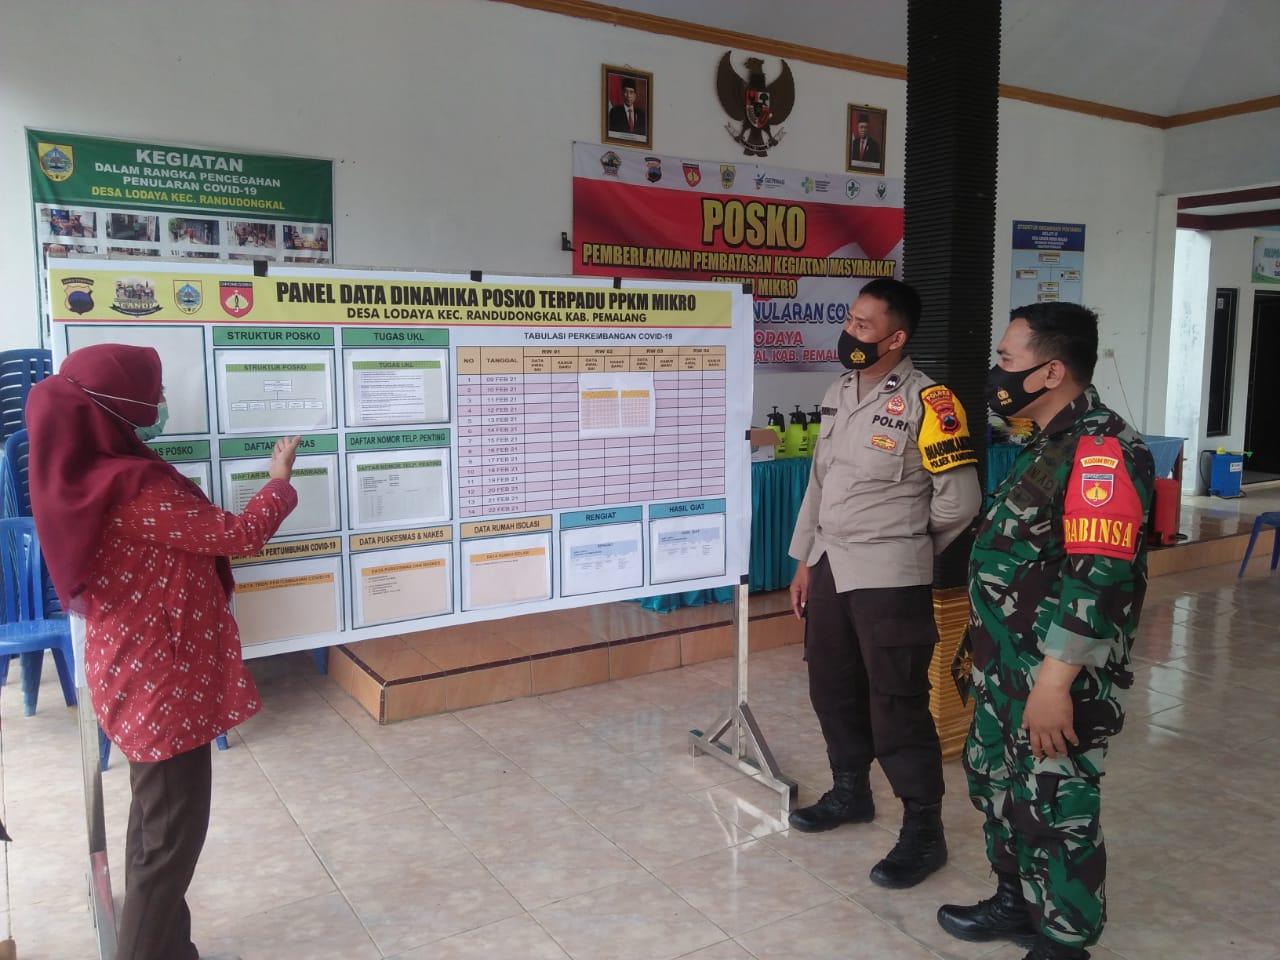 Satgas Covid 19 Kec. Randudongkal Tinjau Kesiapan Posko PPKM Mikro di desa Lodaya